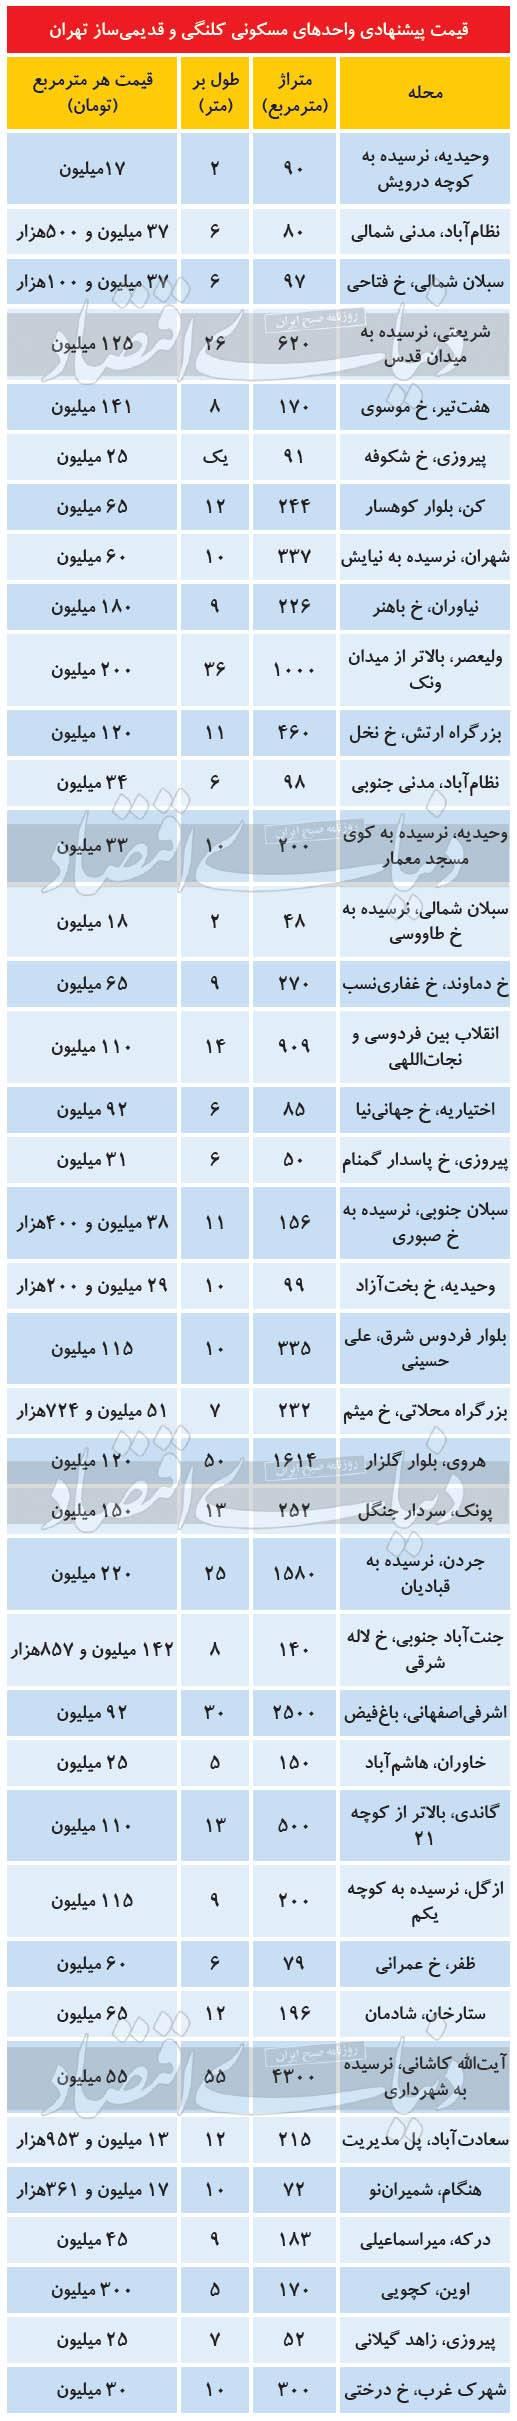 قیمت واحد کلنگی در تهران,قیمت مسکن در تهران